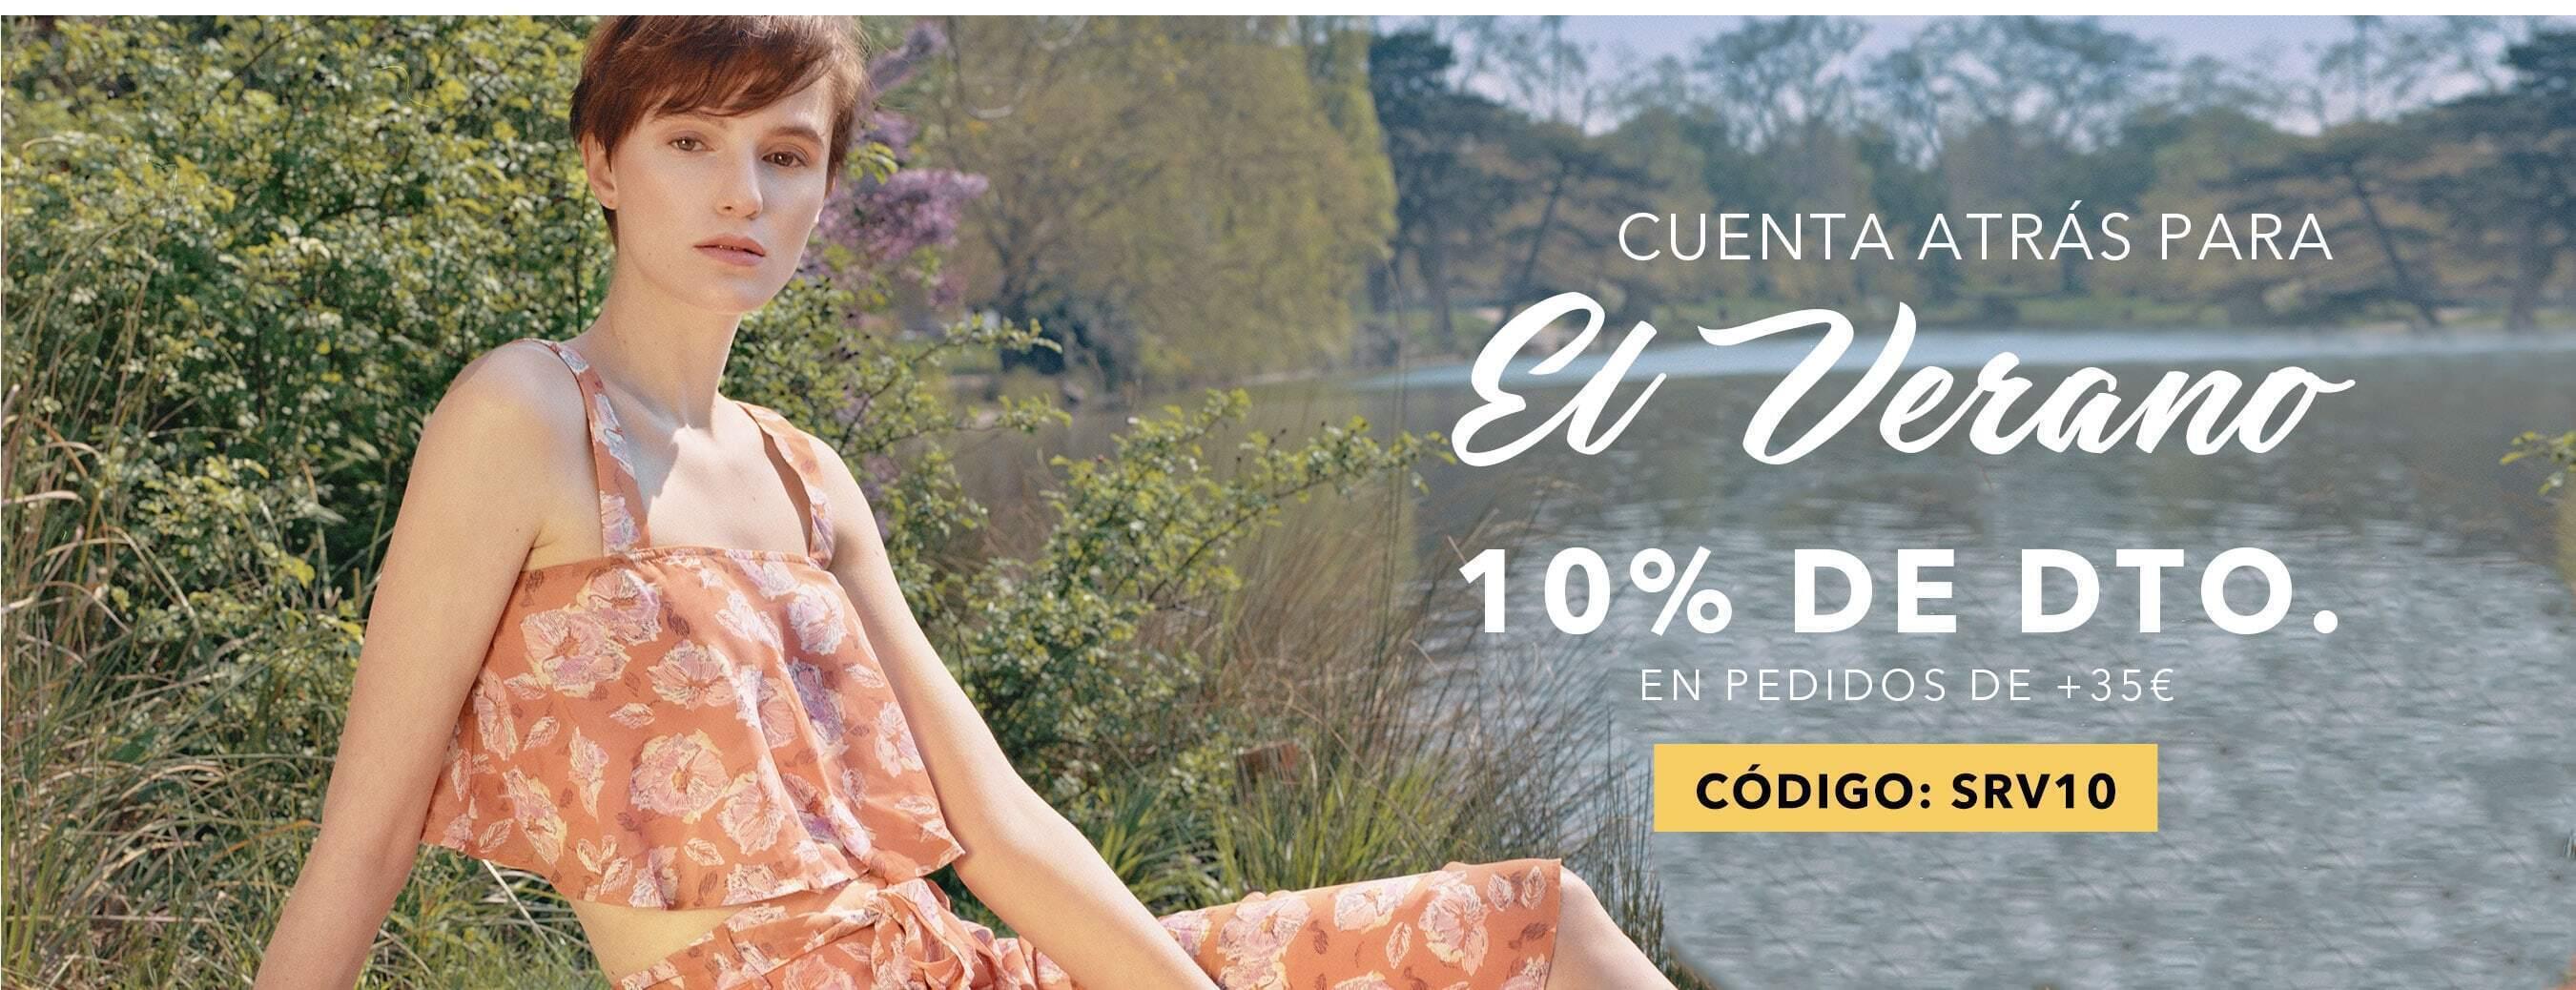 92da0af87a Ropa y moda de Mujer al mejor precio online